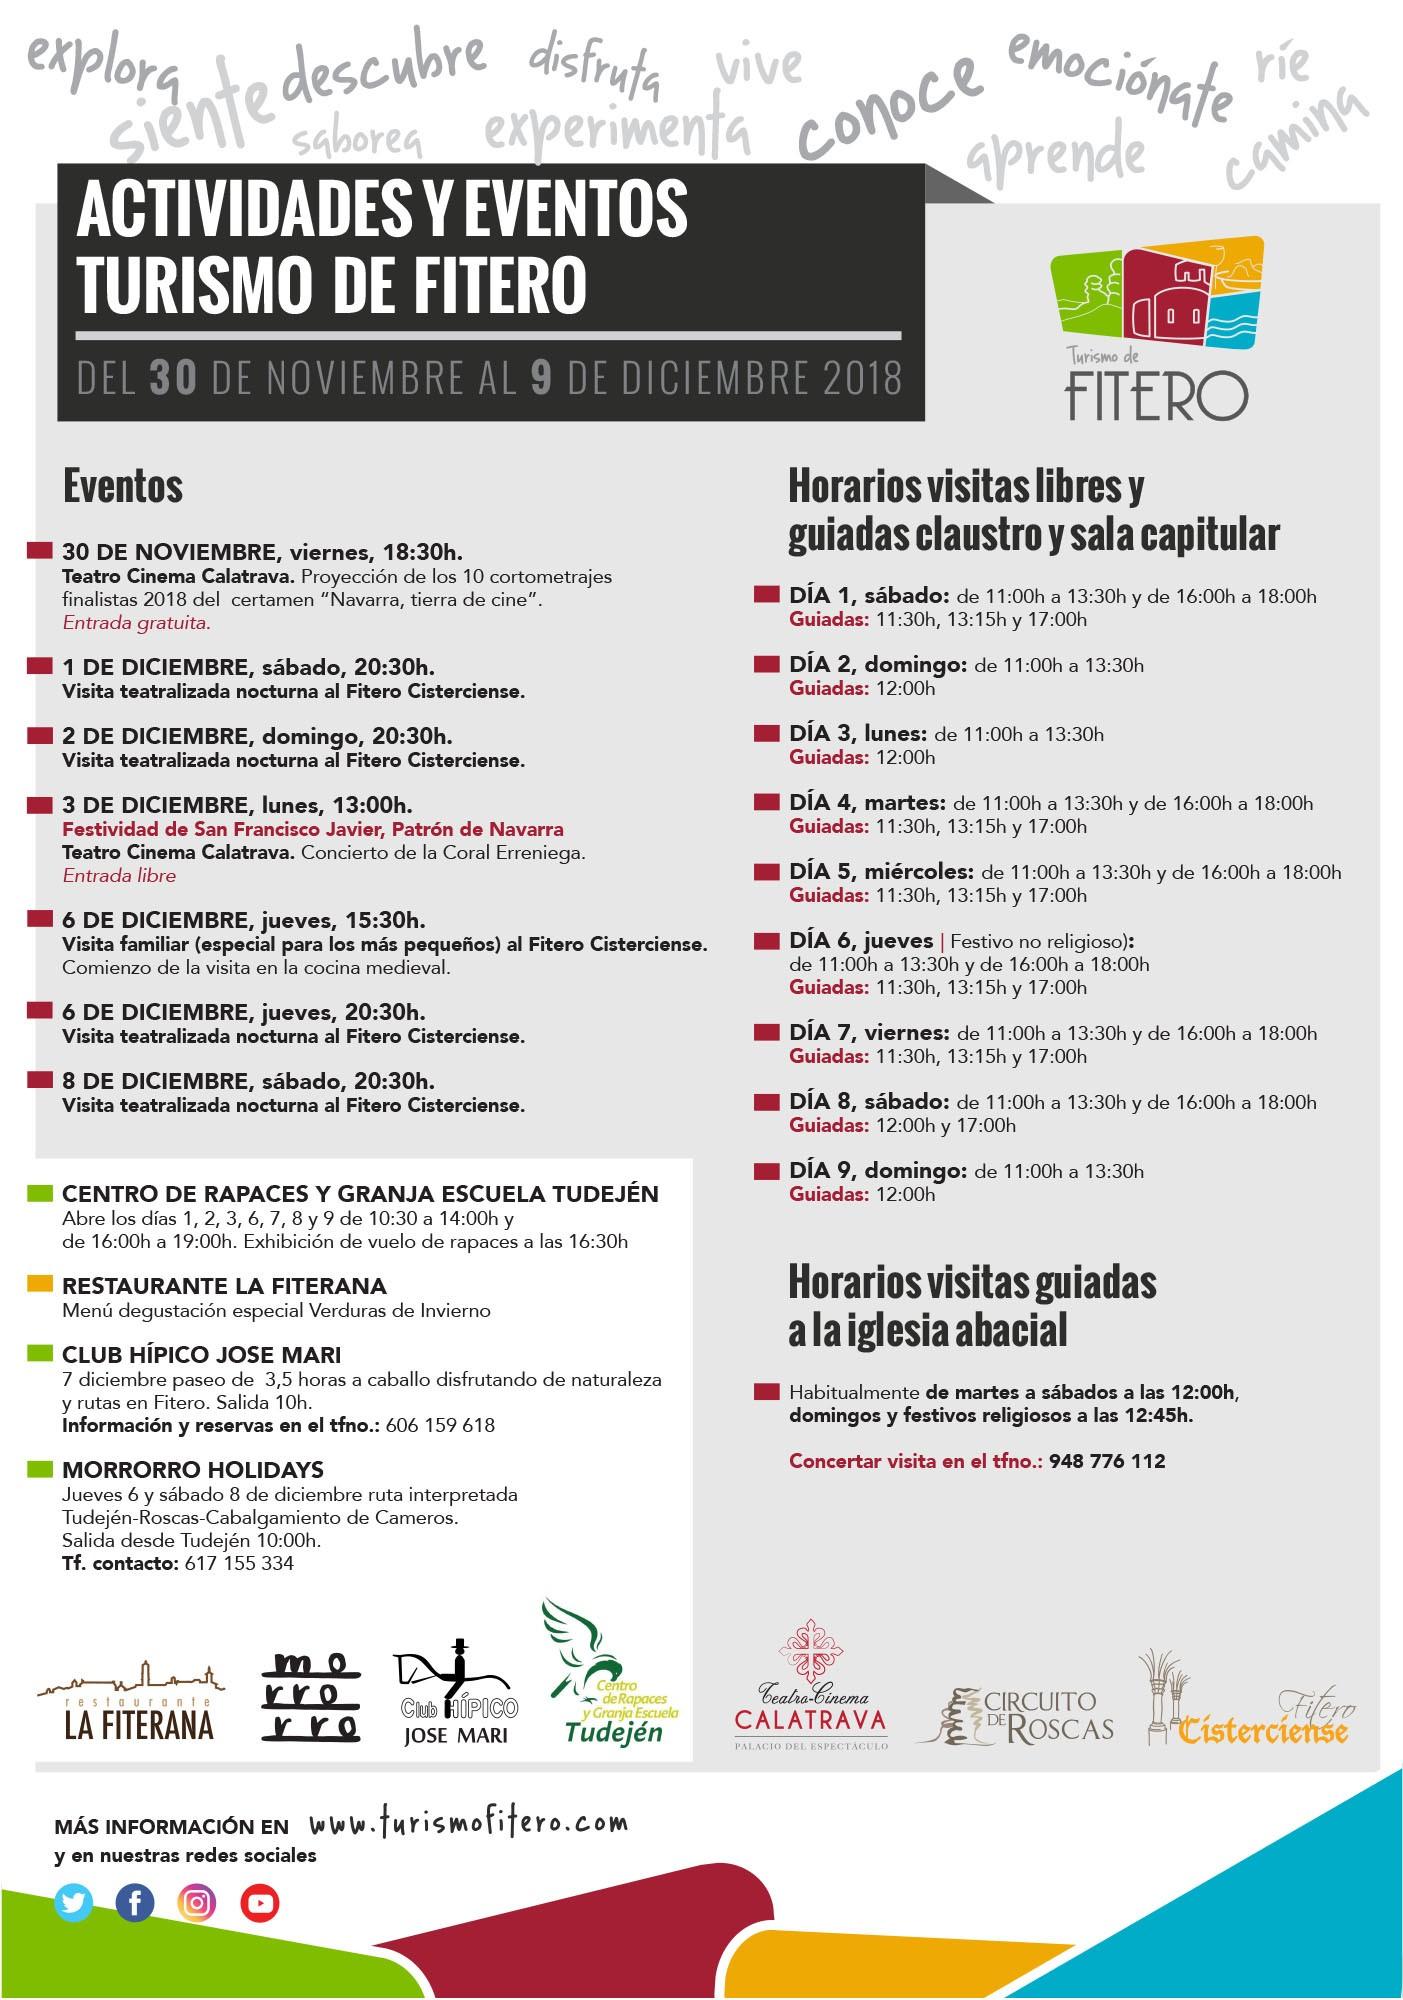 Calendario 2019 Con Feriados Incluidos Más Recientes Gastronoma – Turismo De Fitero